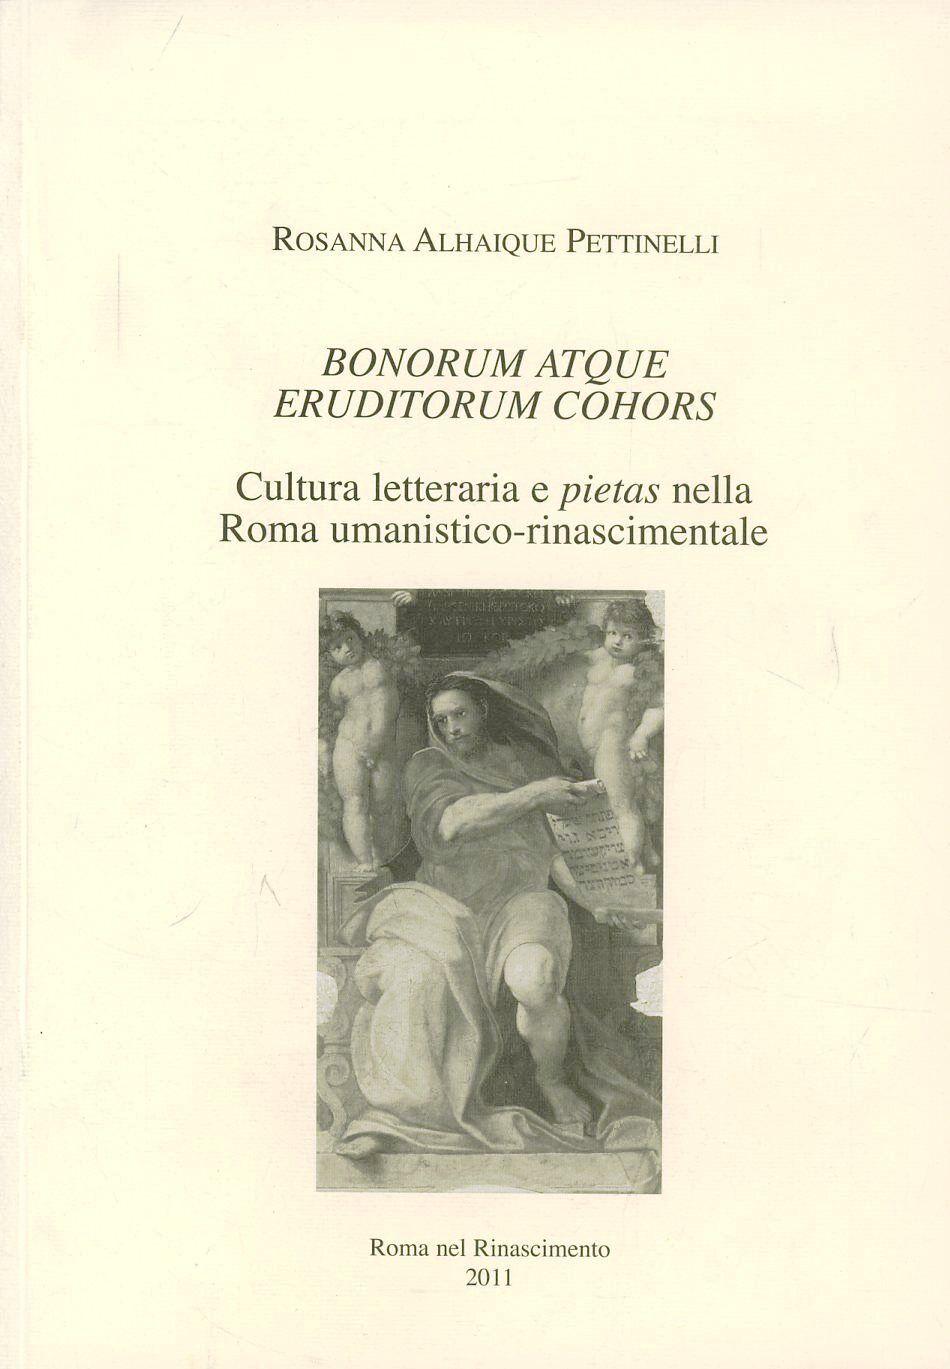 Bonorum atque eruditorum cohors. Cultura letteraria e pietas nella Roma umanistico-rinascimentale